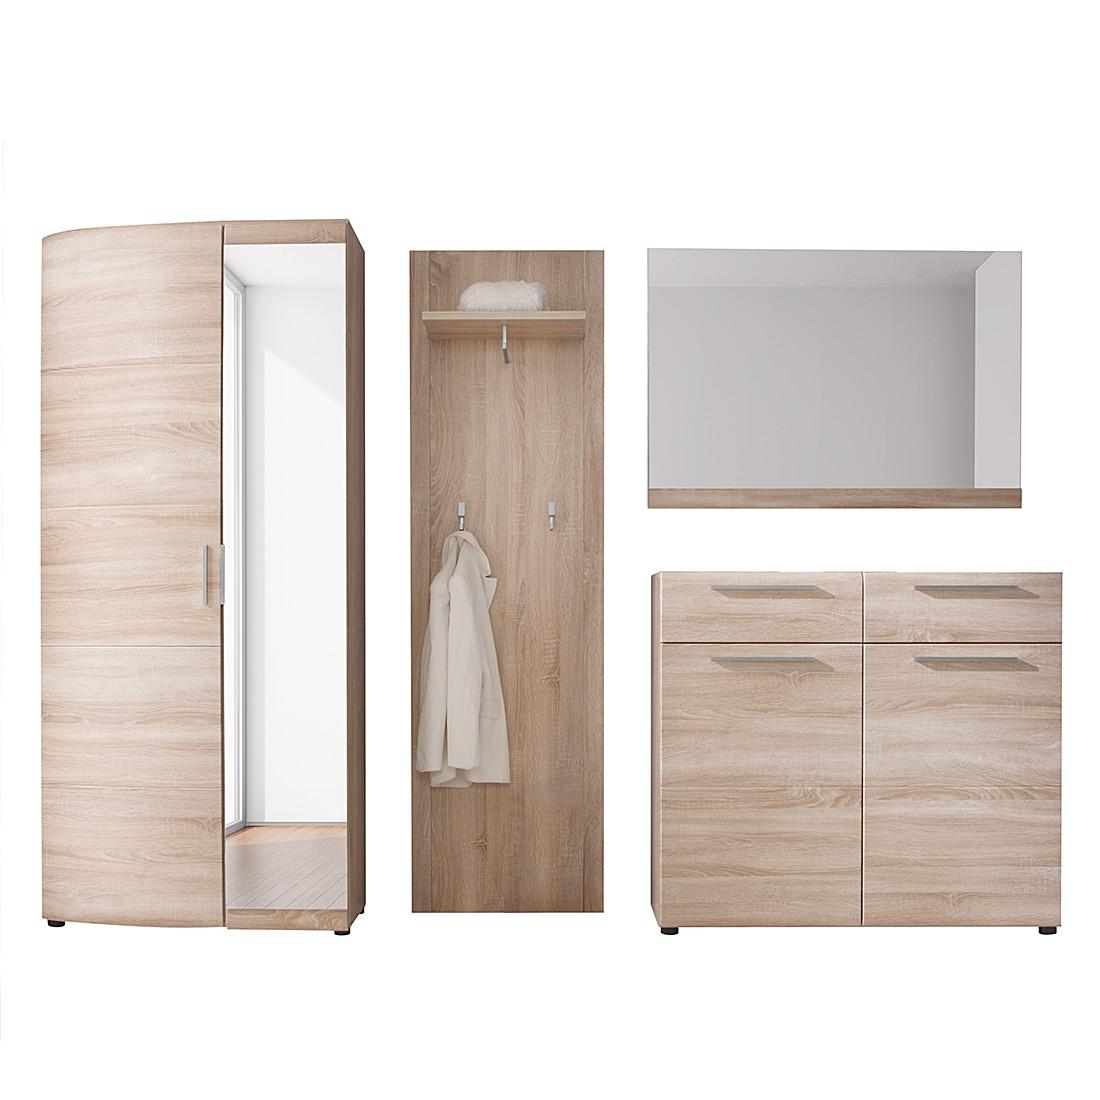 Garderobe Savona SL (4-teilig) - Eiche Dekor